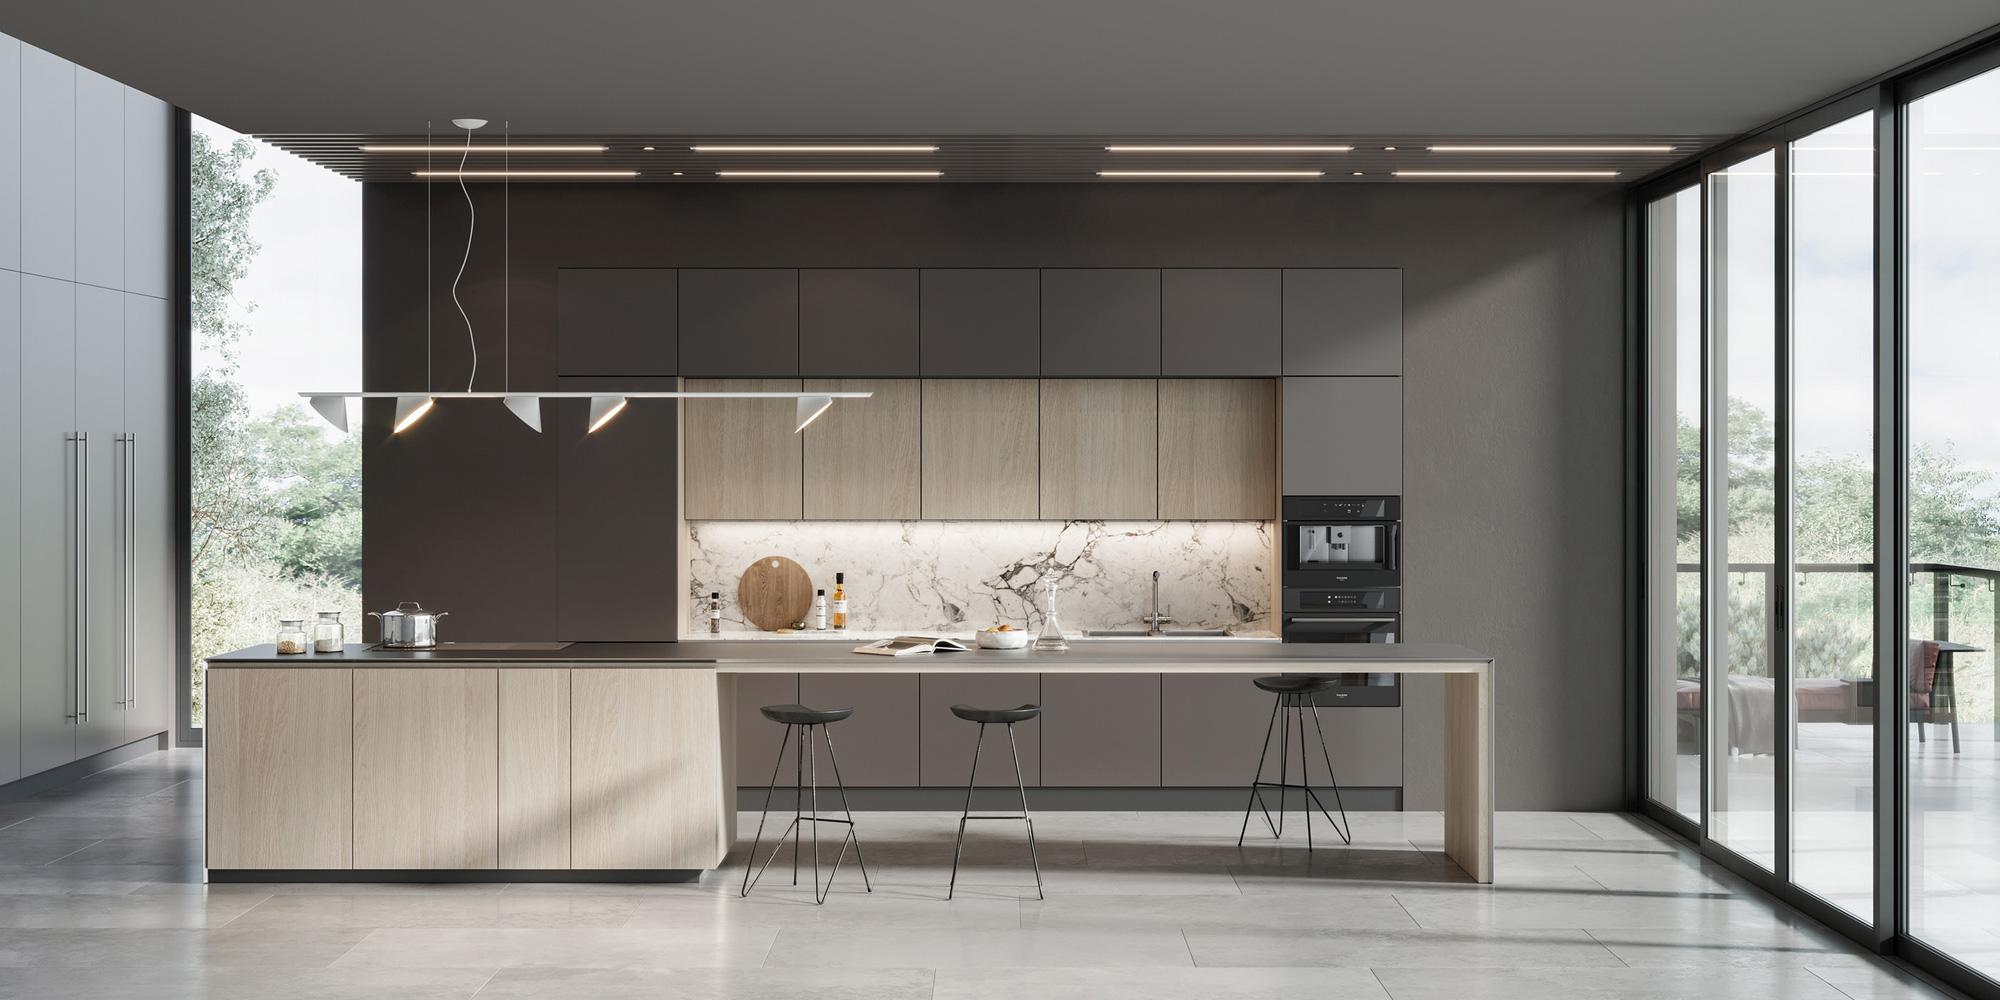 Tư vấn thiết kế nhà cấp 4 mái bằng 150m² chi phí 200 triệu - Ảnh 5.